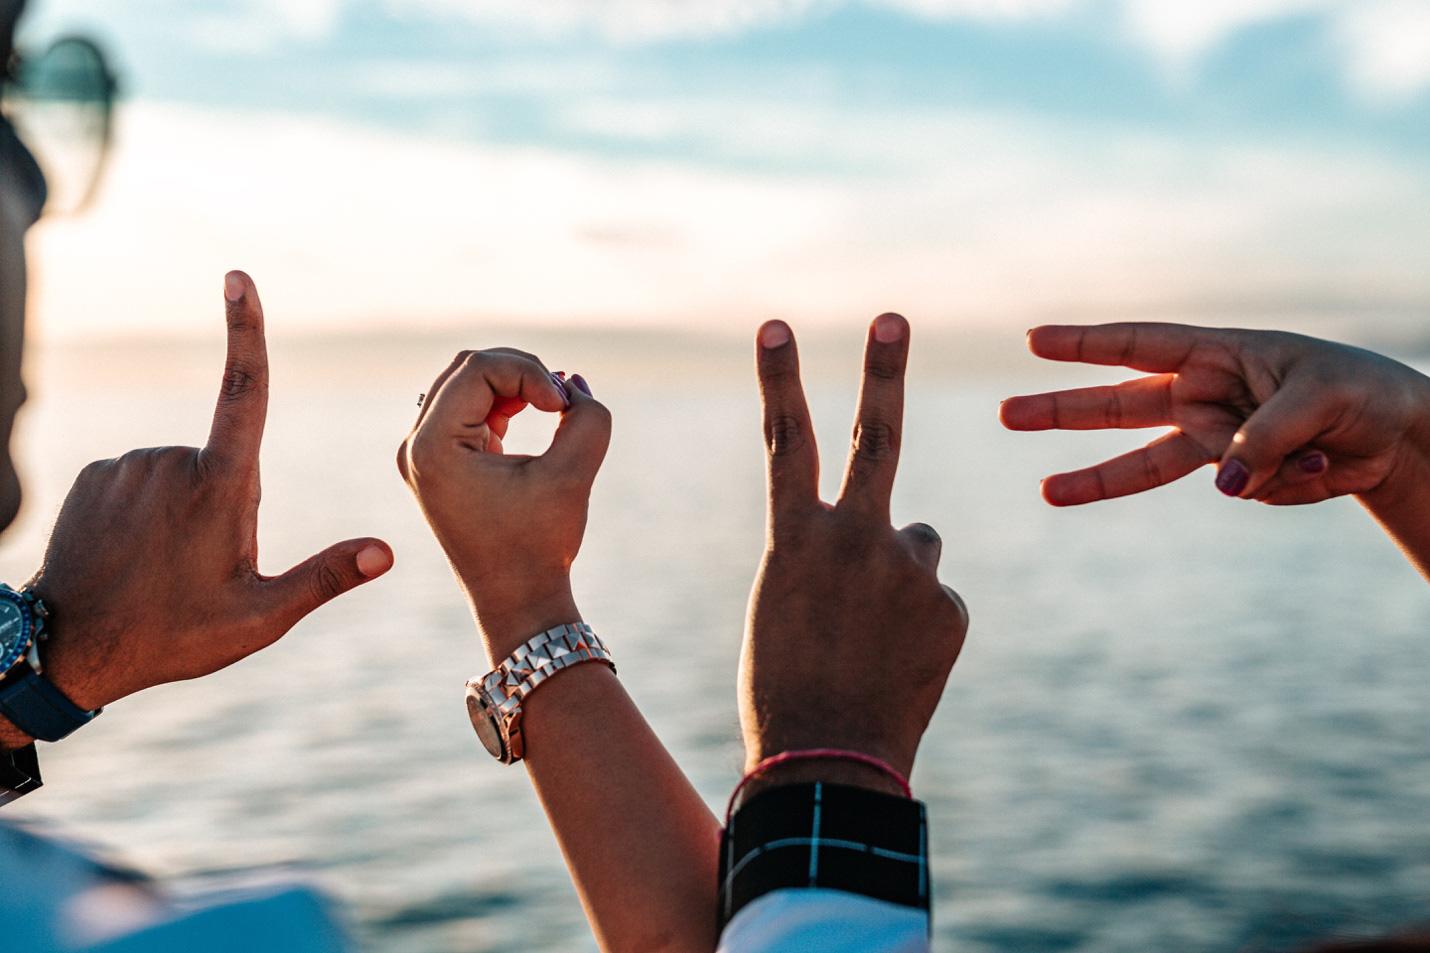 Chỉ 56% giới trẻ cảm thấy mình có quyền tự do yêu thương - Ảnh 2.